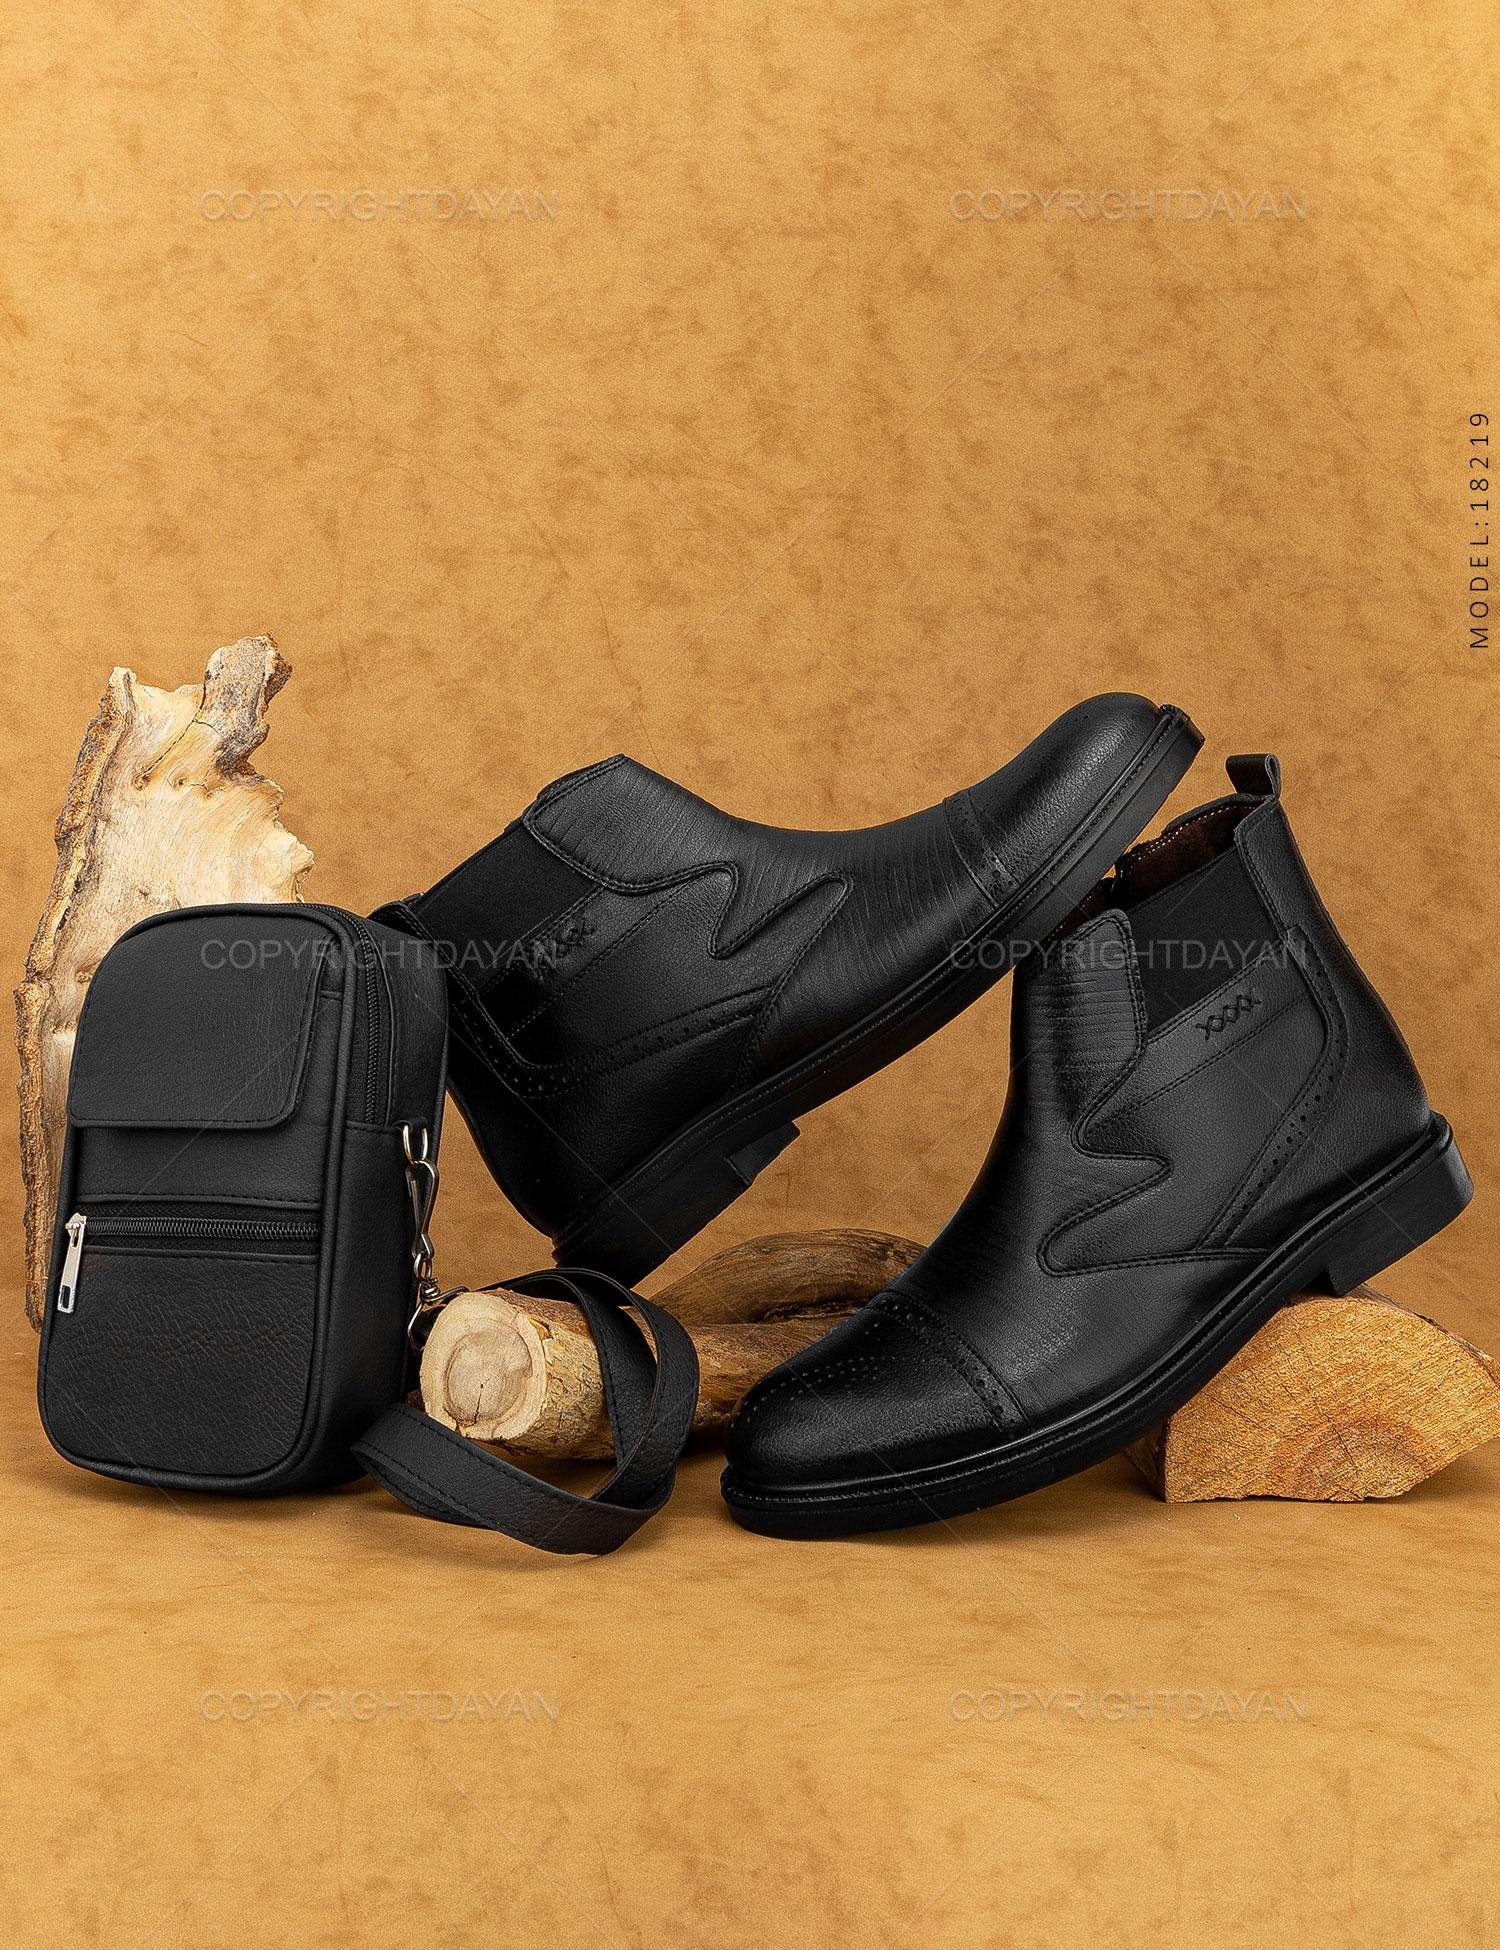 ست کیف و کفش Enzo مدل 18219